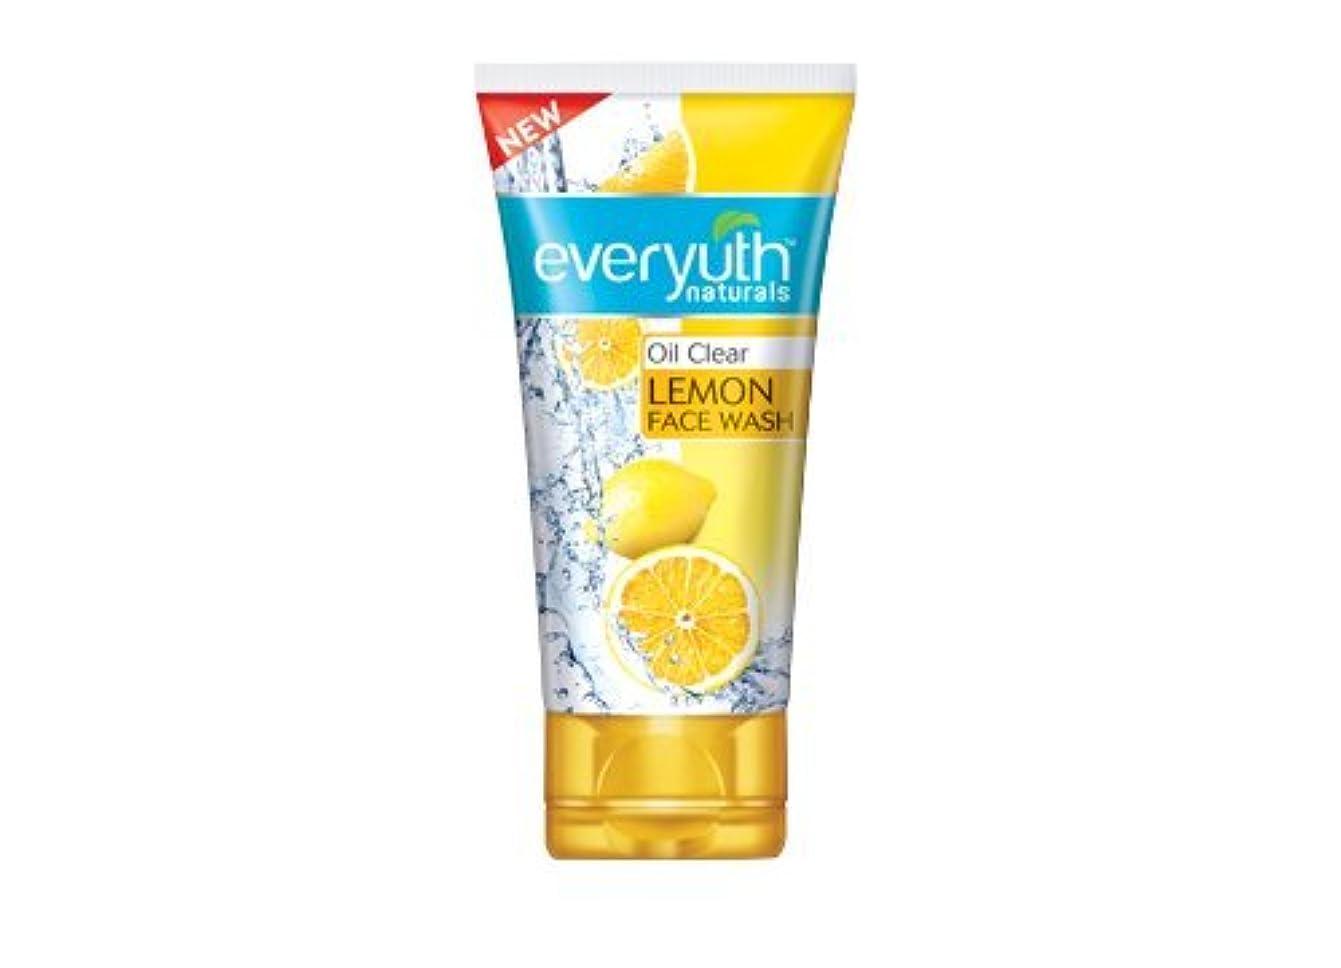 報復等価スペシャリストEveryuth Naturals Oil Clear Lemon Face Wash 50Gm (1 Pack)